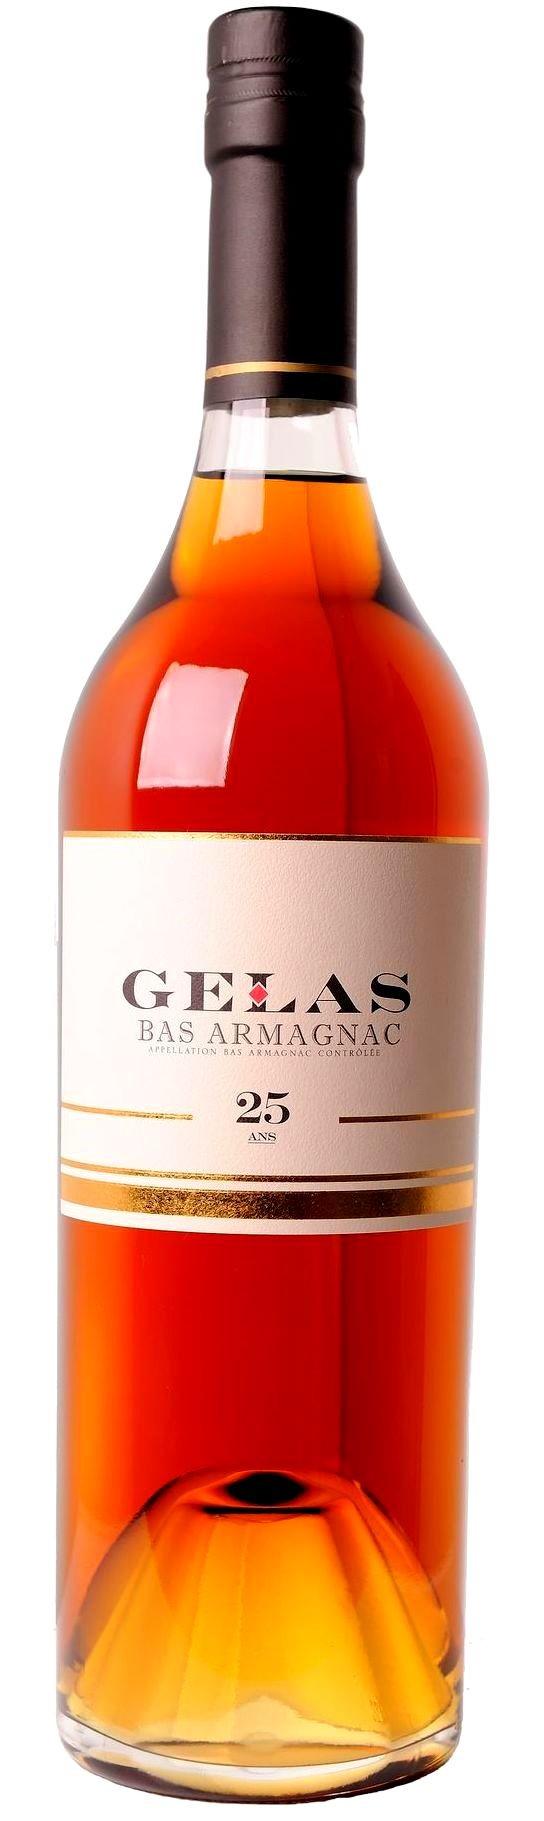 B. Gelas & Fils - Bas Armagnac 25 years 0,7 l